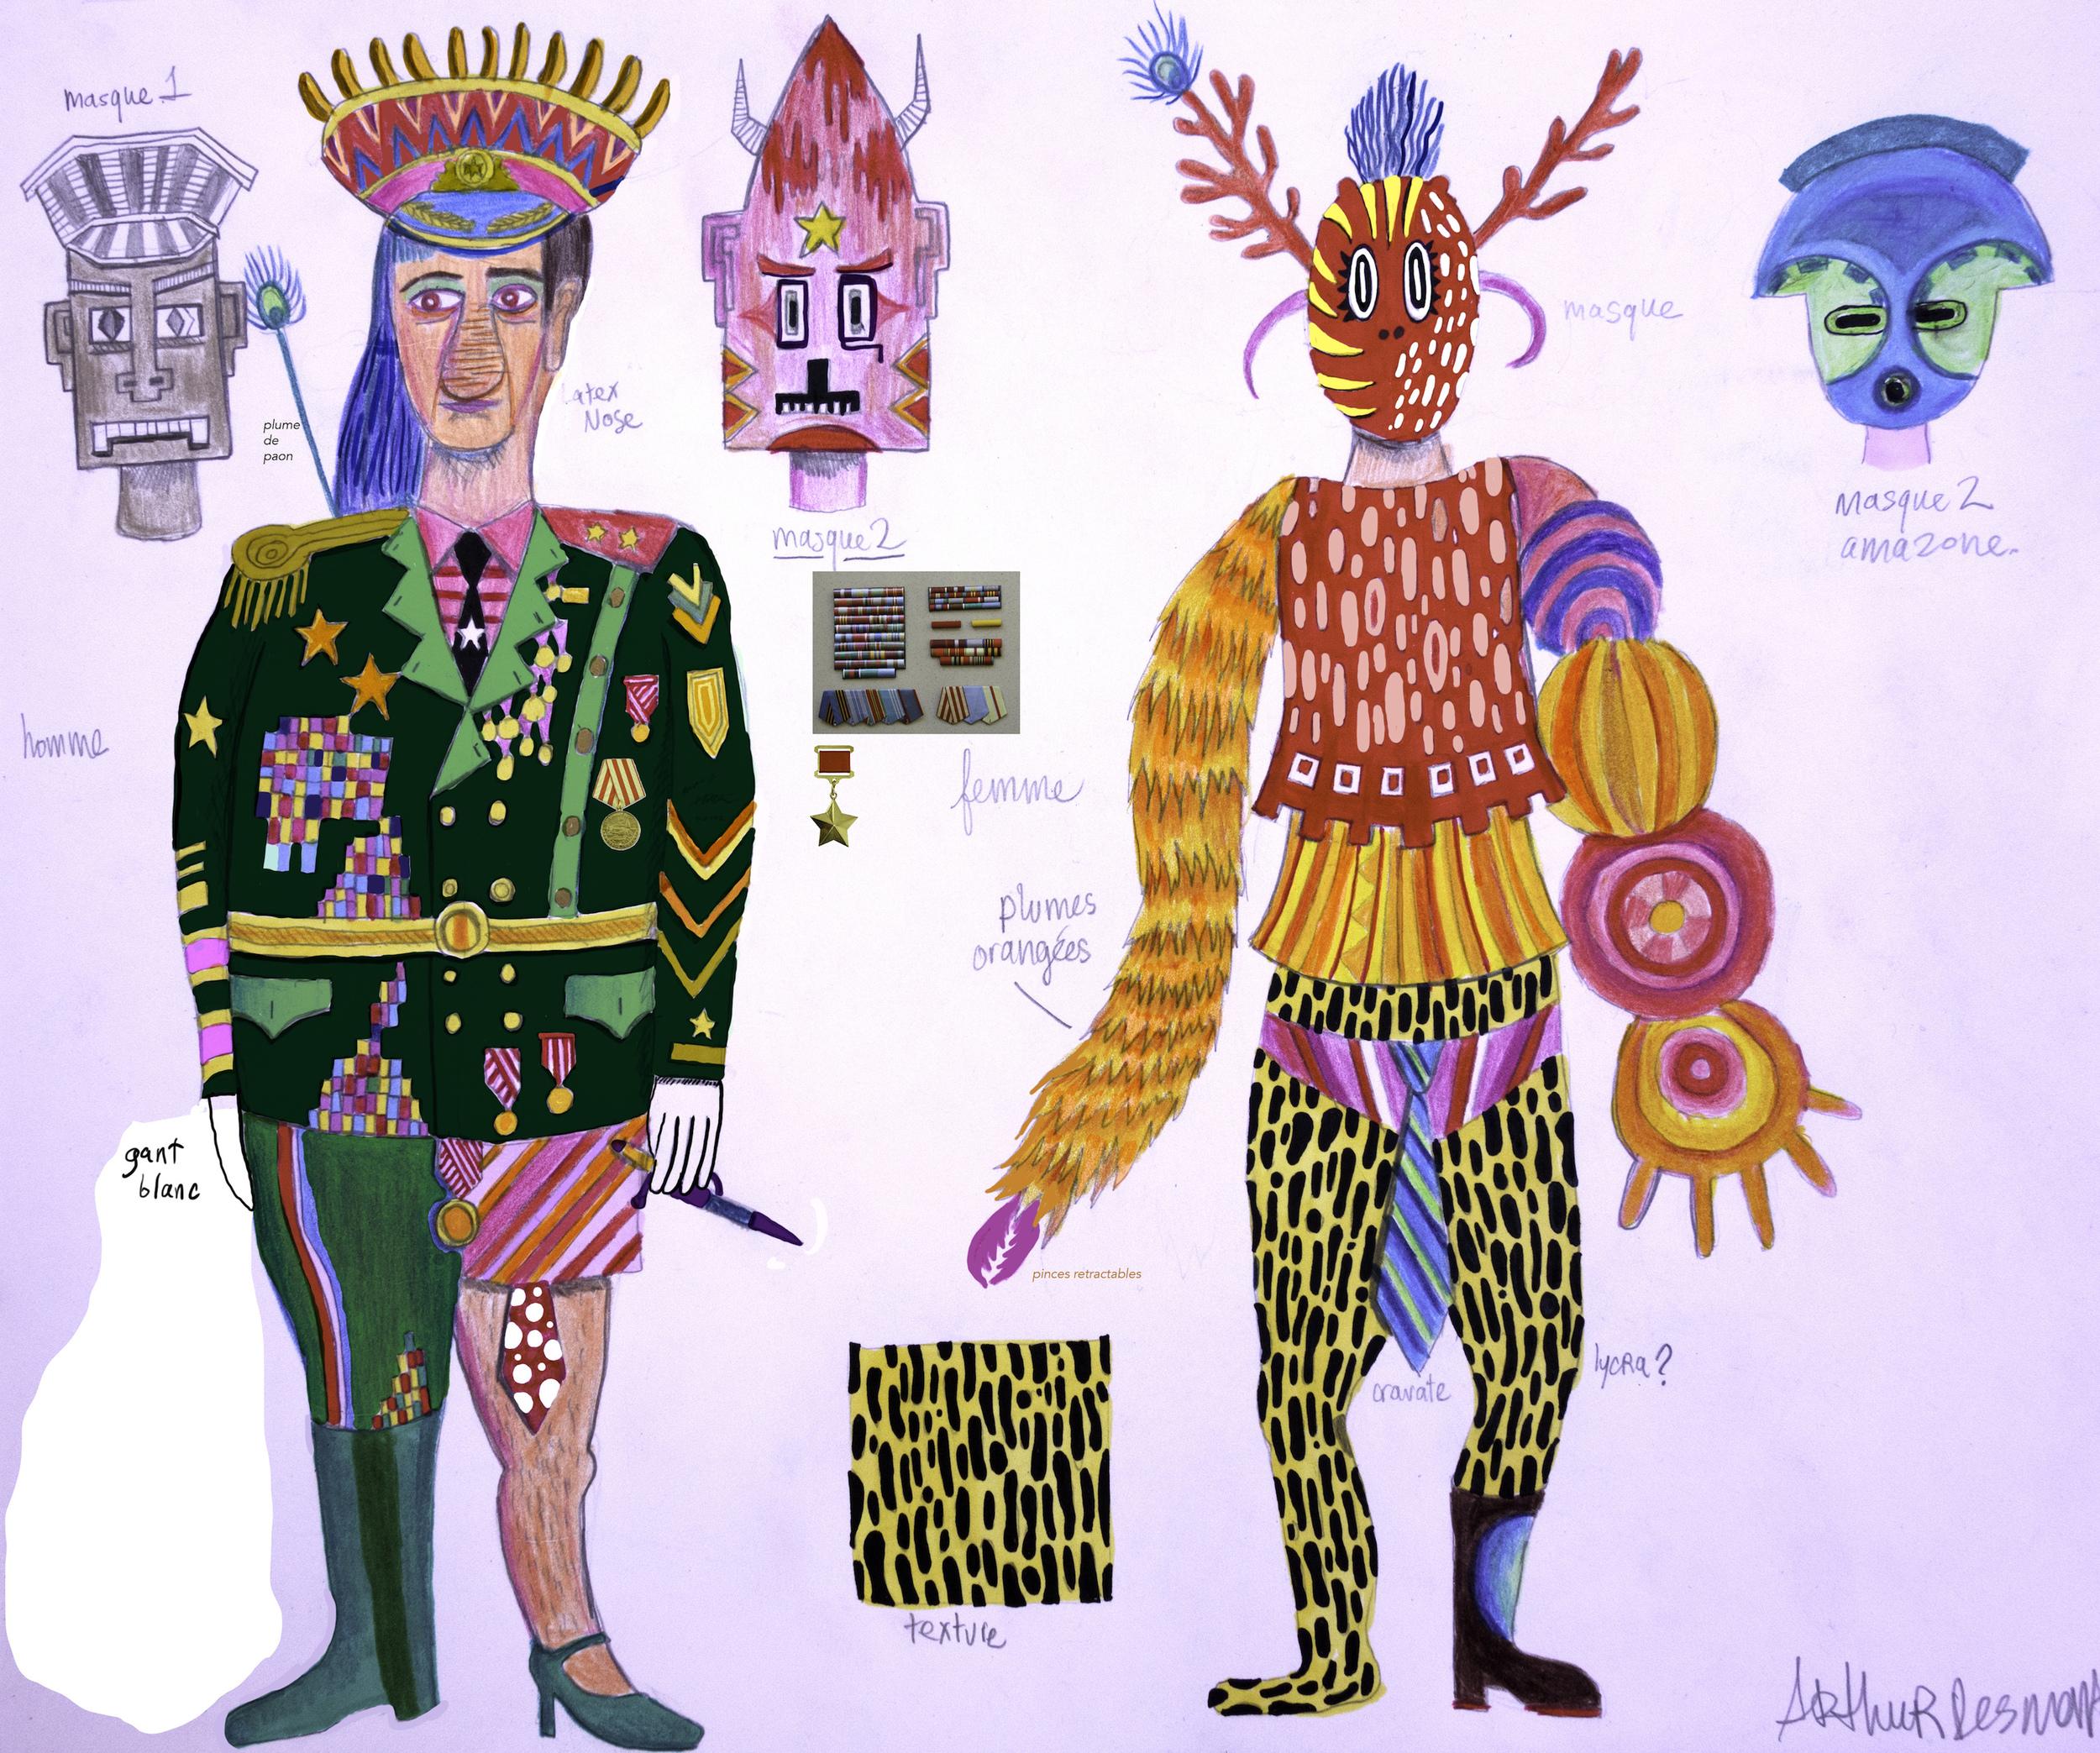 costumes_concept_final4_16aout2015bversion2web.jpg